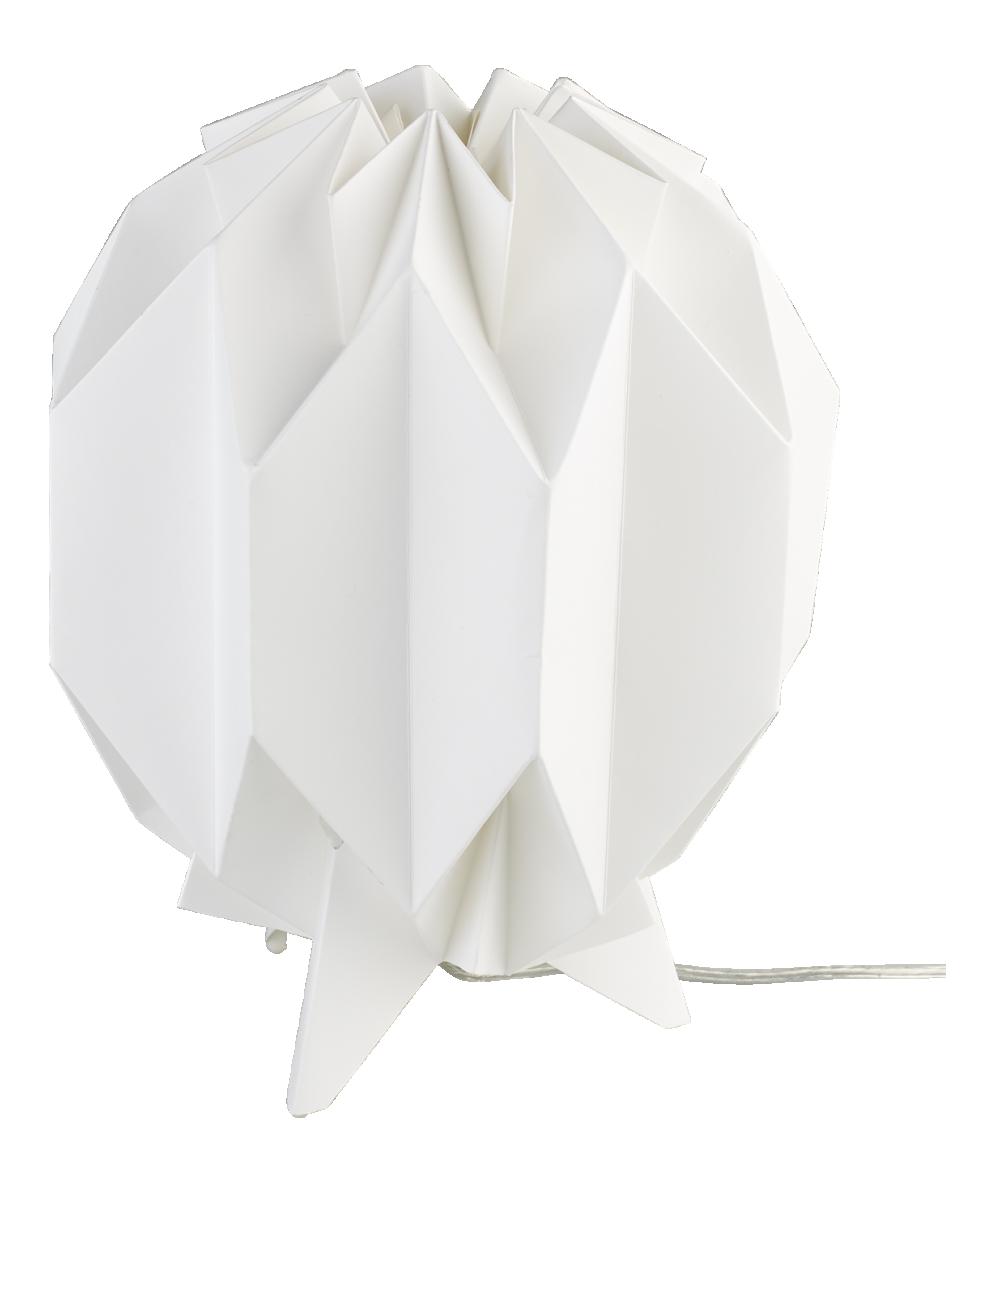 6177e3b1b3a68bbce94f7de0843cd75a 5 Frais Lampe Papier Design Kse4